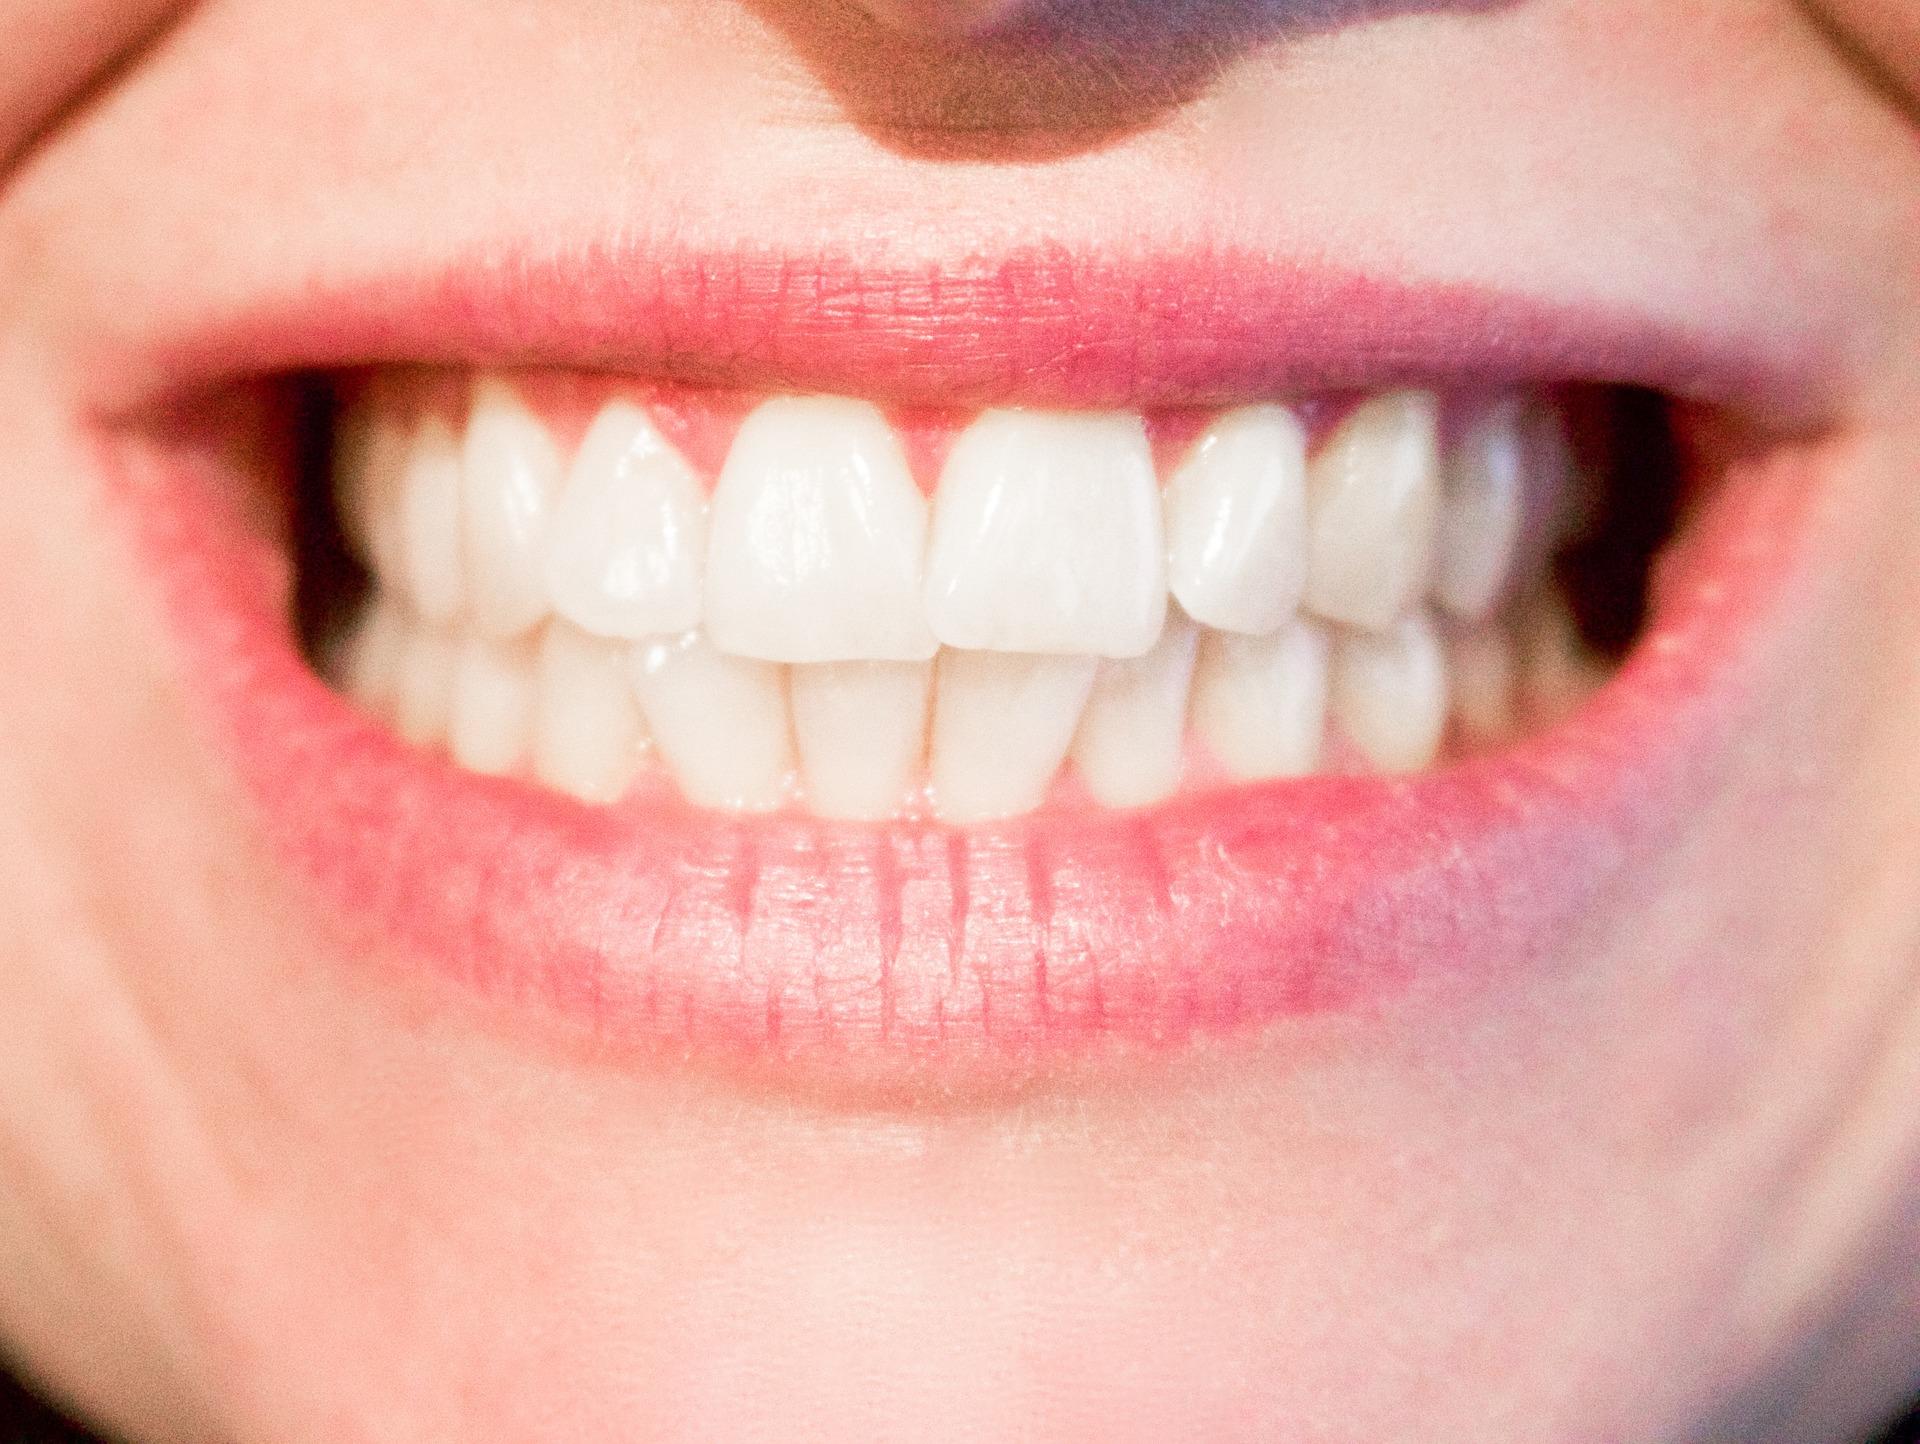 viva seguro sempre | Seguro Dentário: Problemas Ocasionados pelo Bruxismo